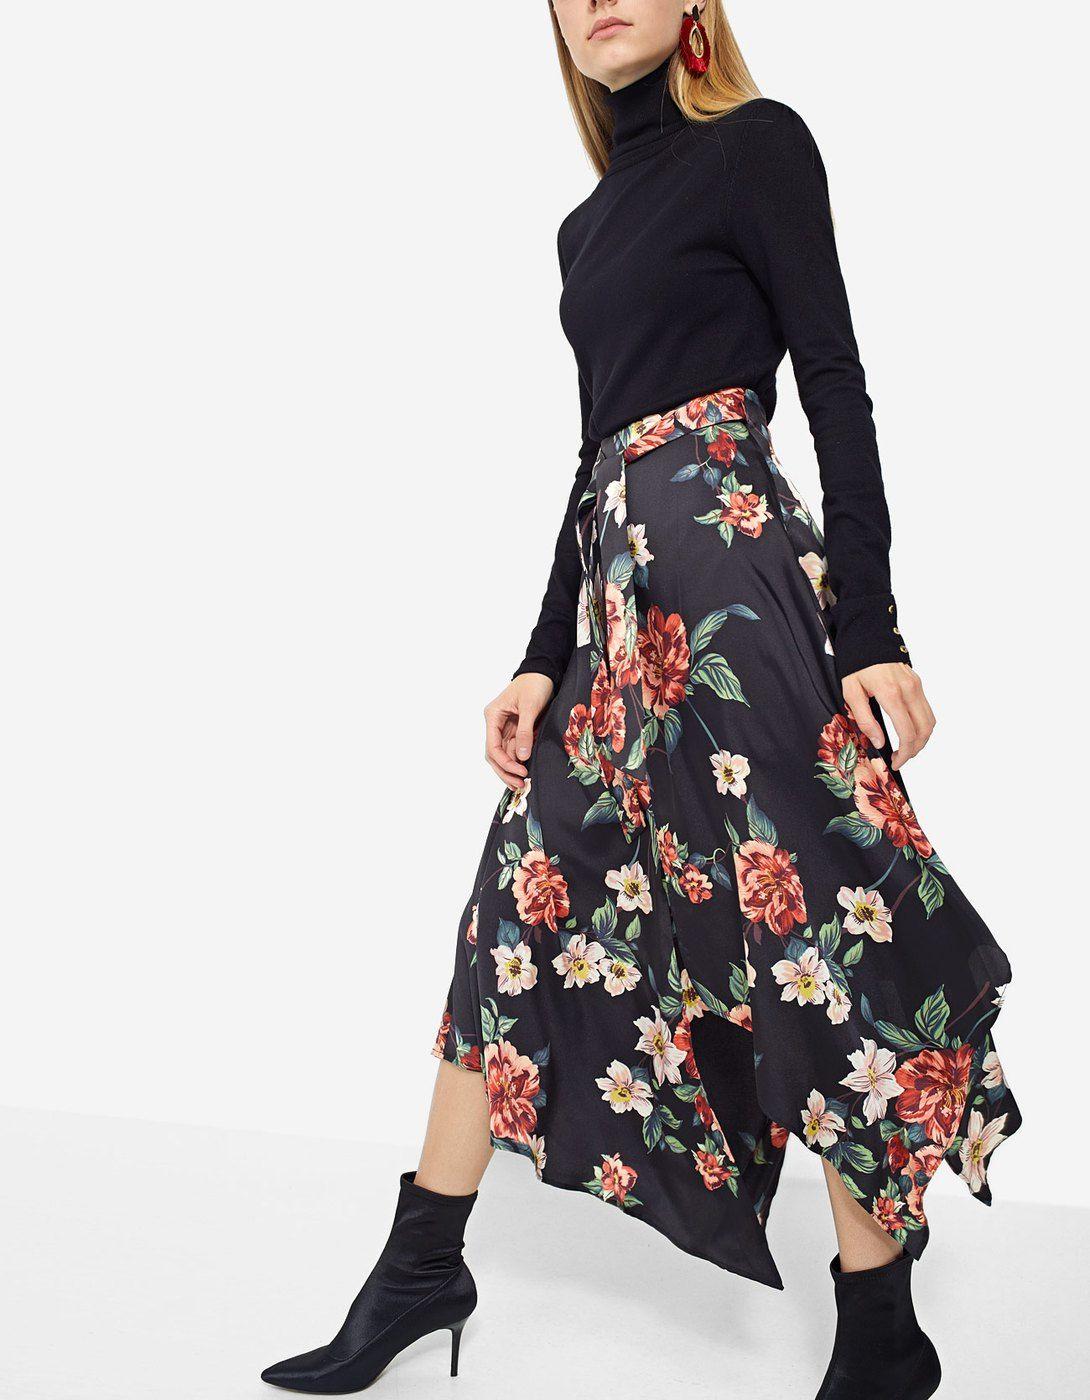 Floral Asymmetric Skirt Dresses Stradivarius Greek Floral Print Midi Skirt Asymmetrical Skirt Skirts